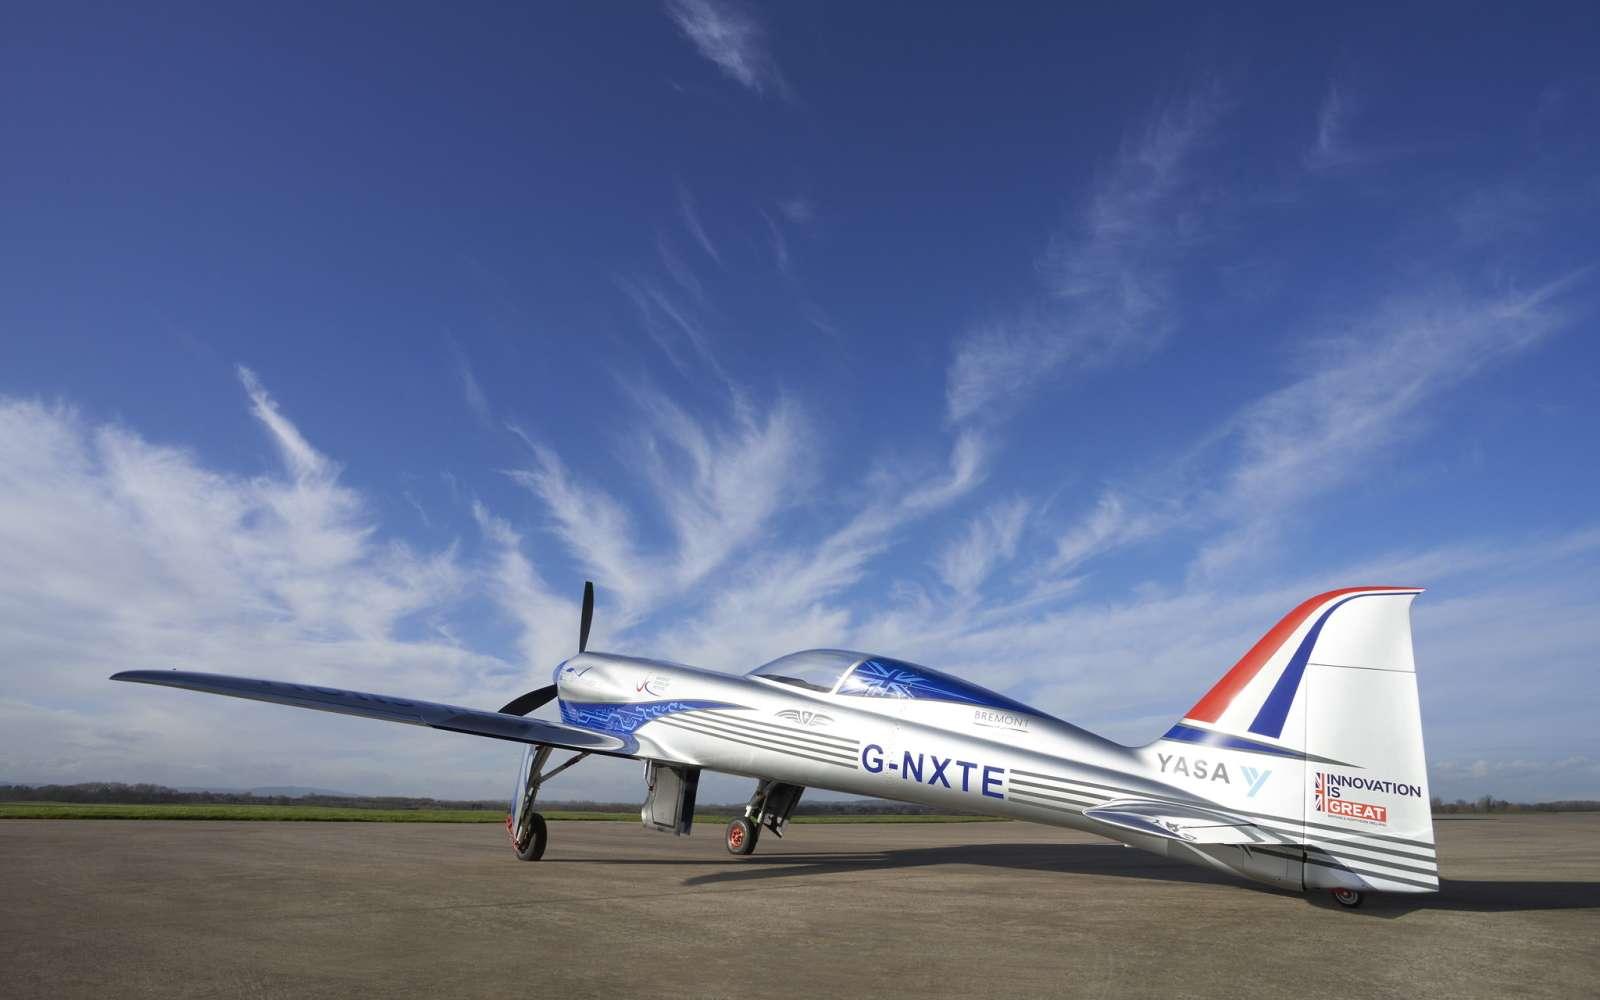 L'avion électrique avec lequel Rolls-Royce veut s'attaquer au record du monde vitesse. © Rolls-Royce